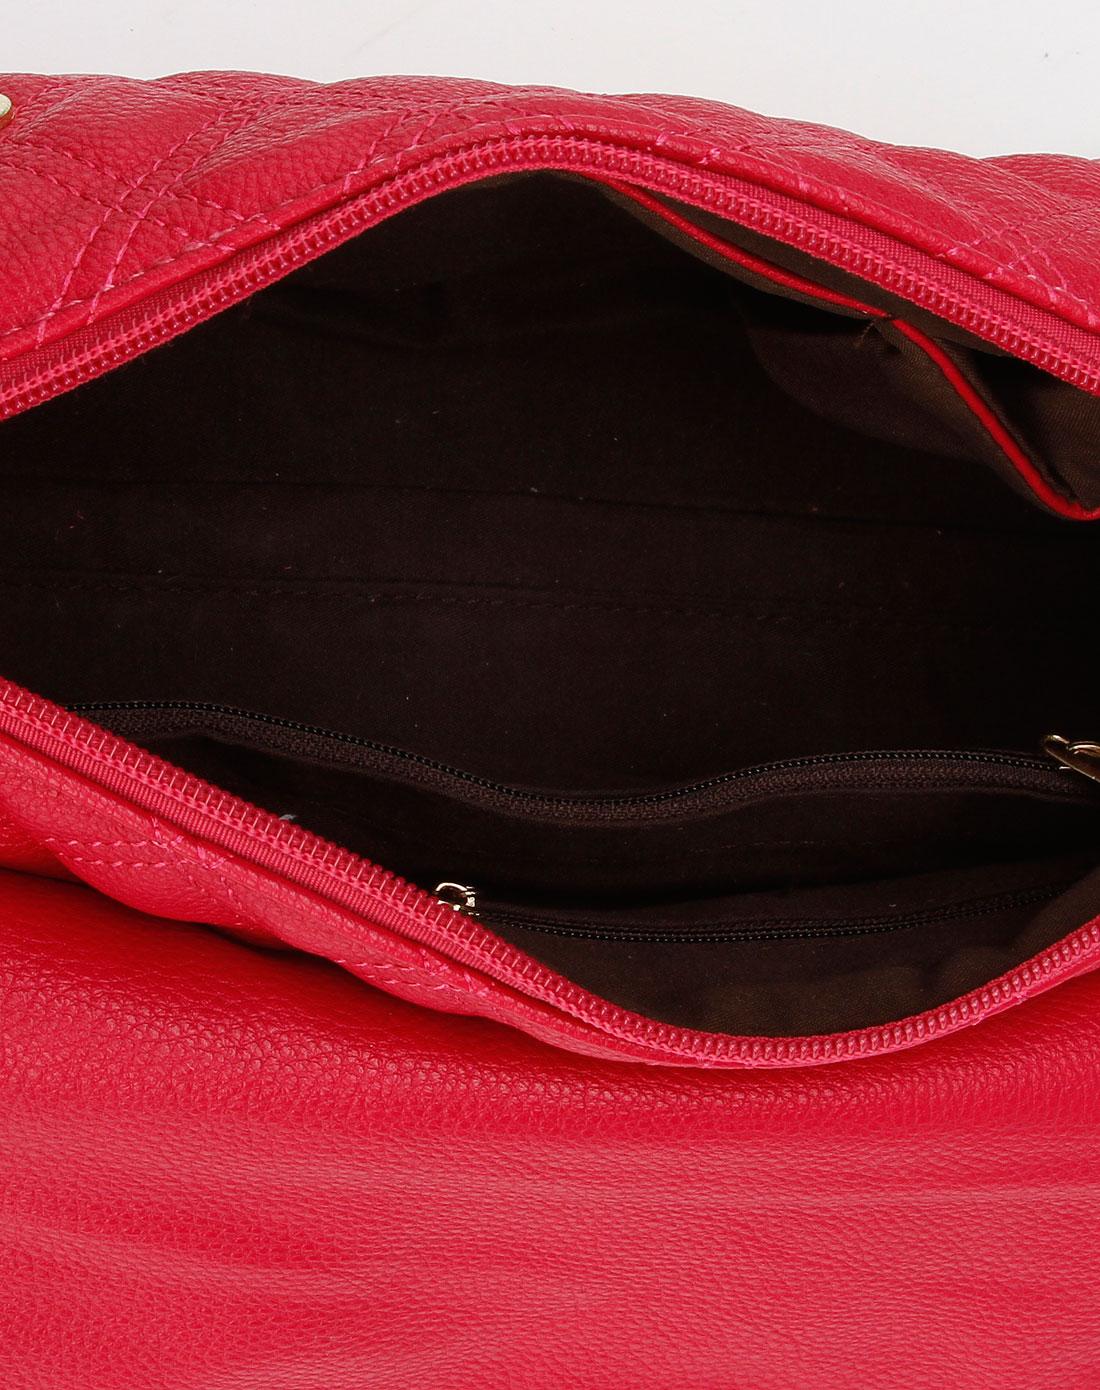 ggirl 红色菱形格子系列时尚斜挎包